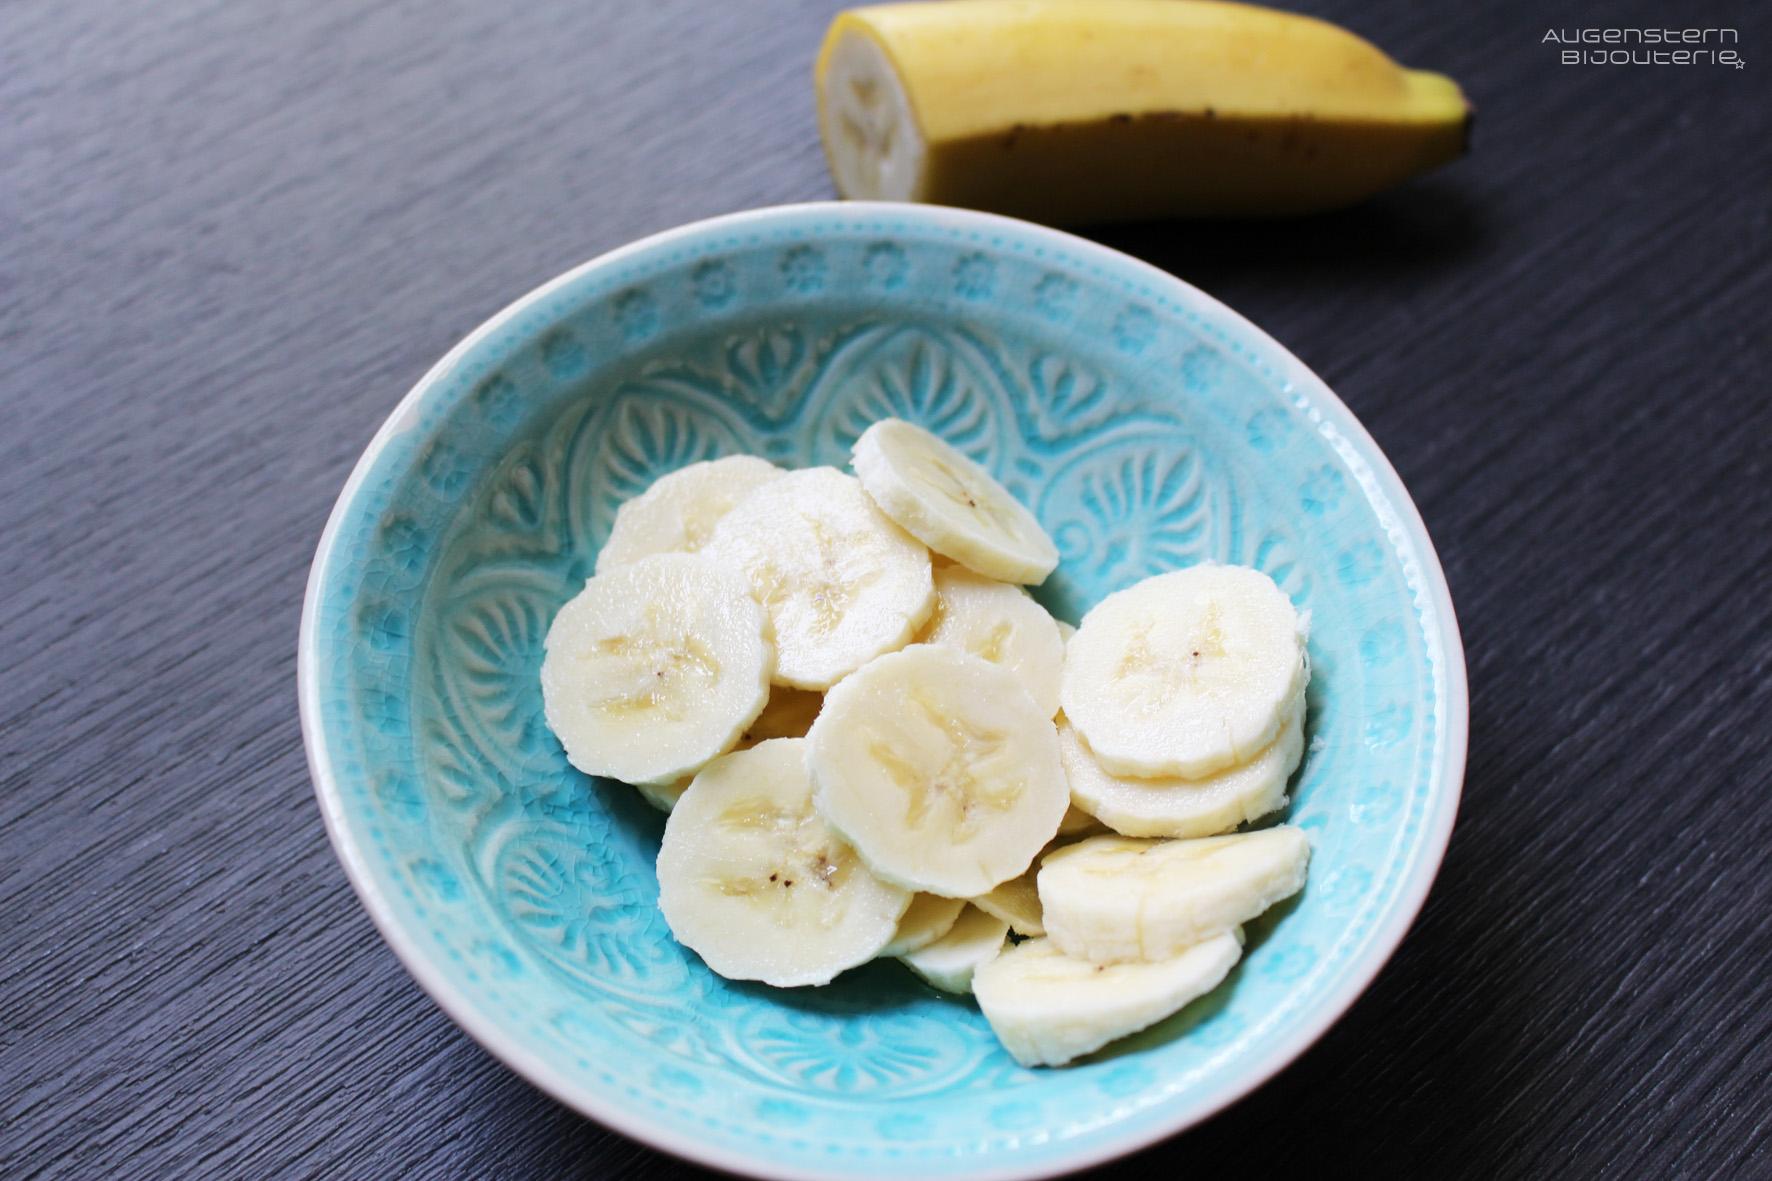 Dann die klein geschnittene Banane hinzugeben